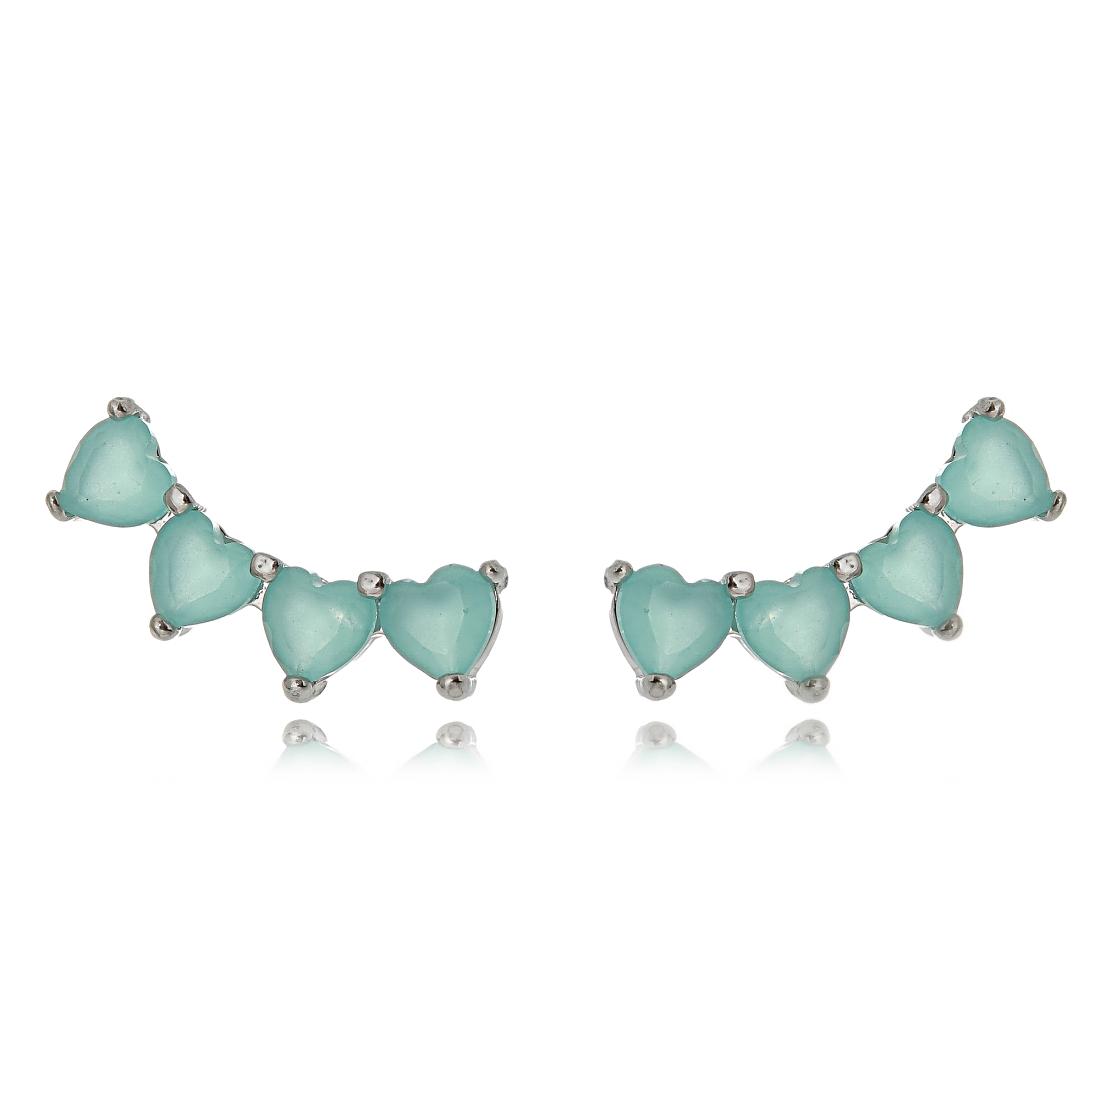 Ear Cuff Mini Turmalina de Corações Semijoia em Ródio Branco  - Soloyou